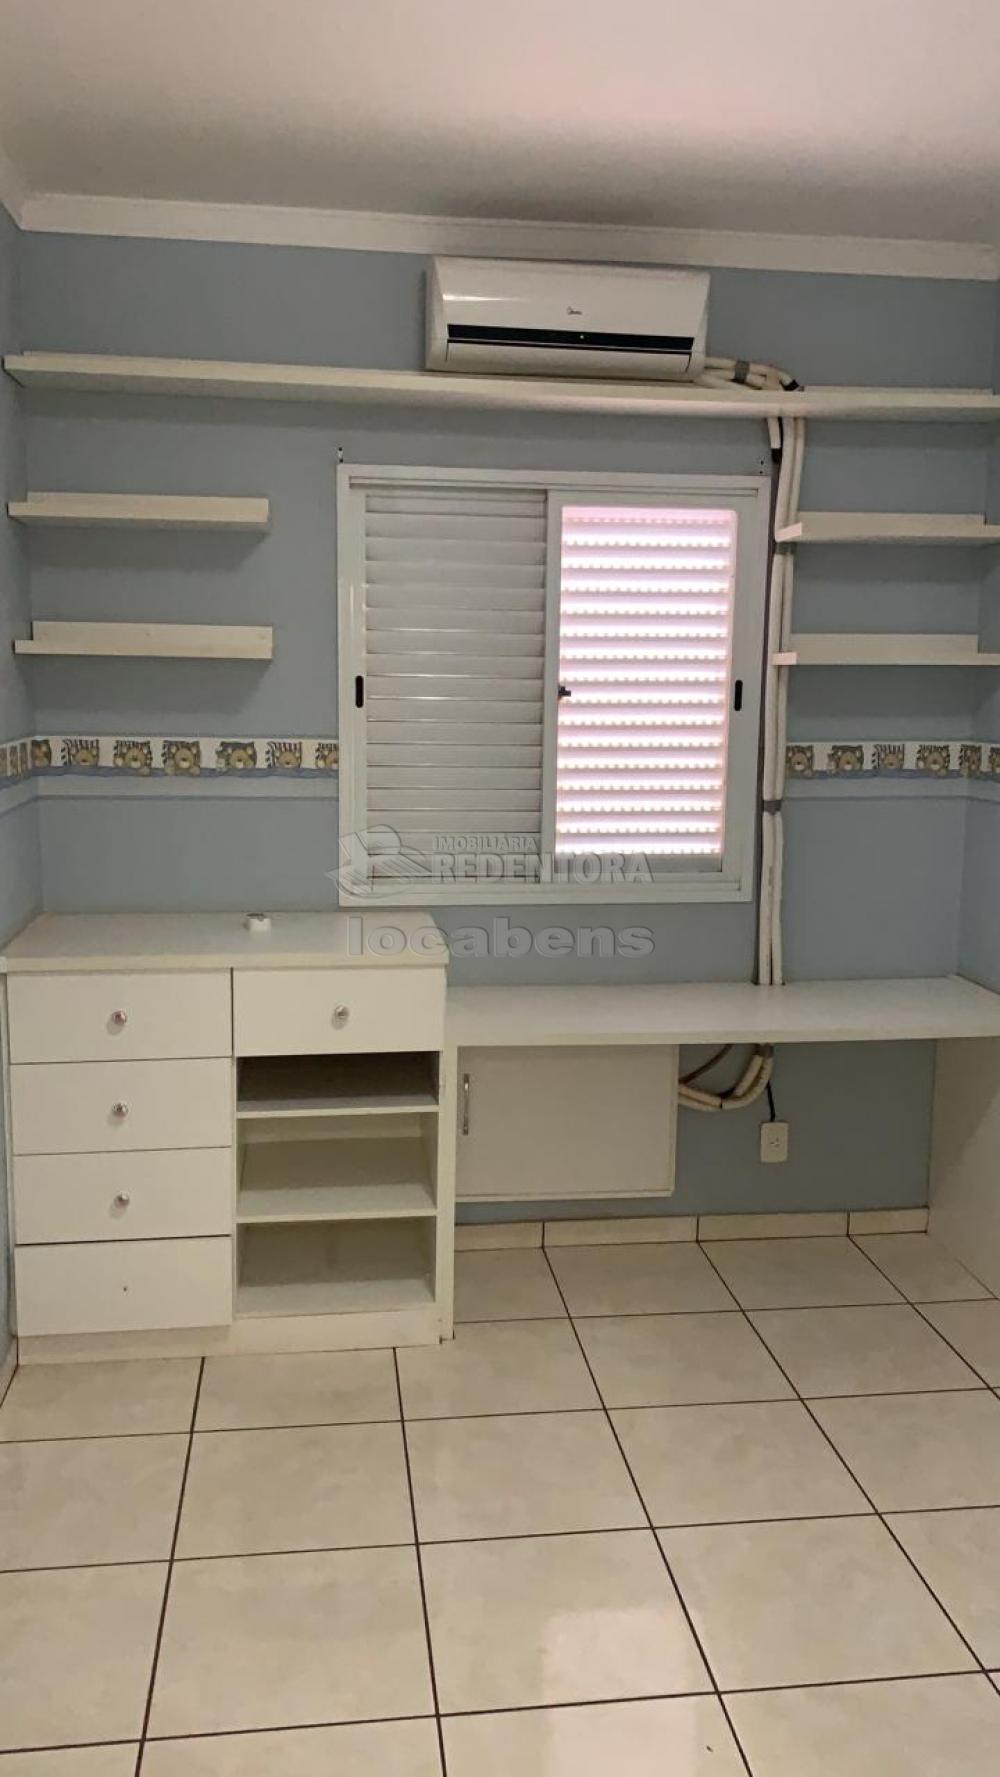 Comprar Apartamento / Padrão em São José do Rio Preto R$ 160.000,00 - Foto 19